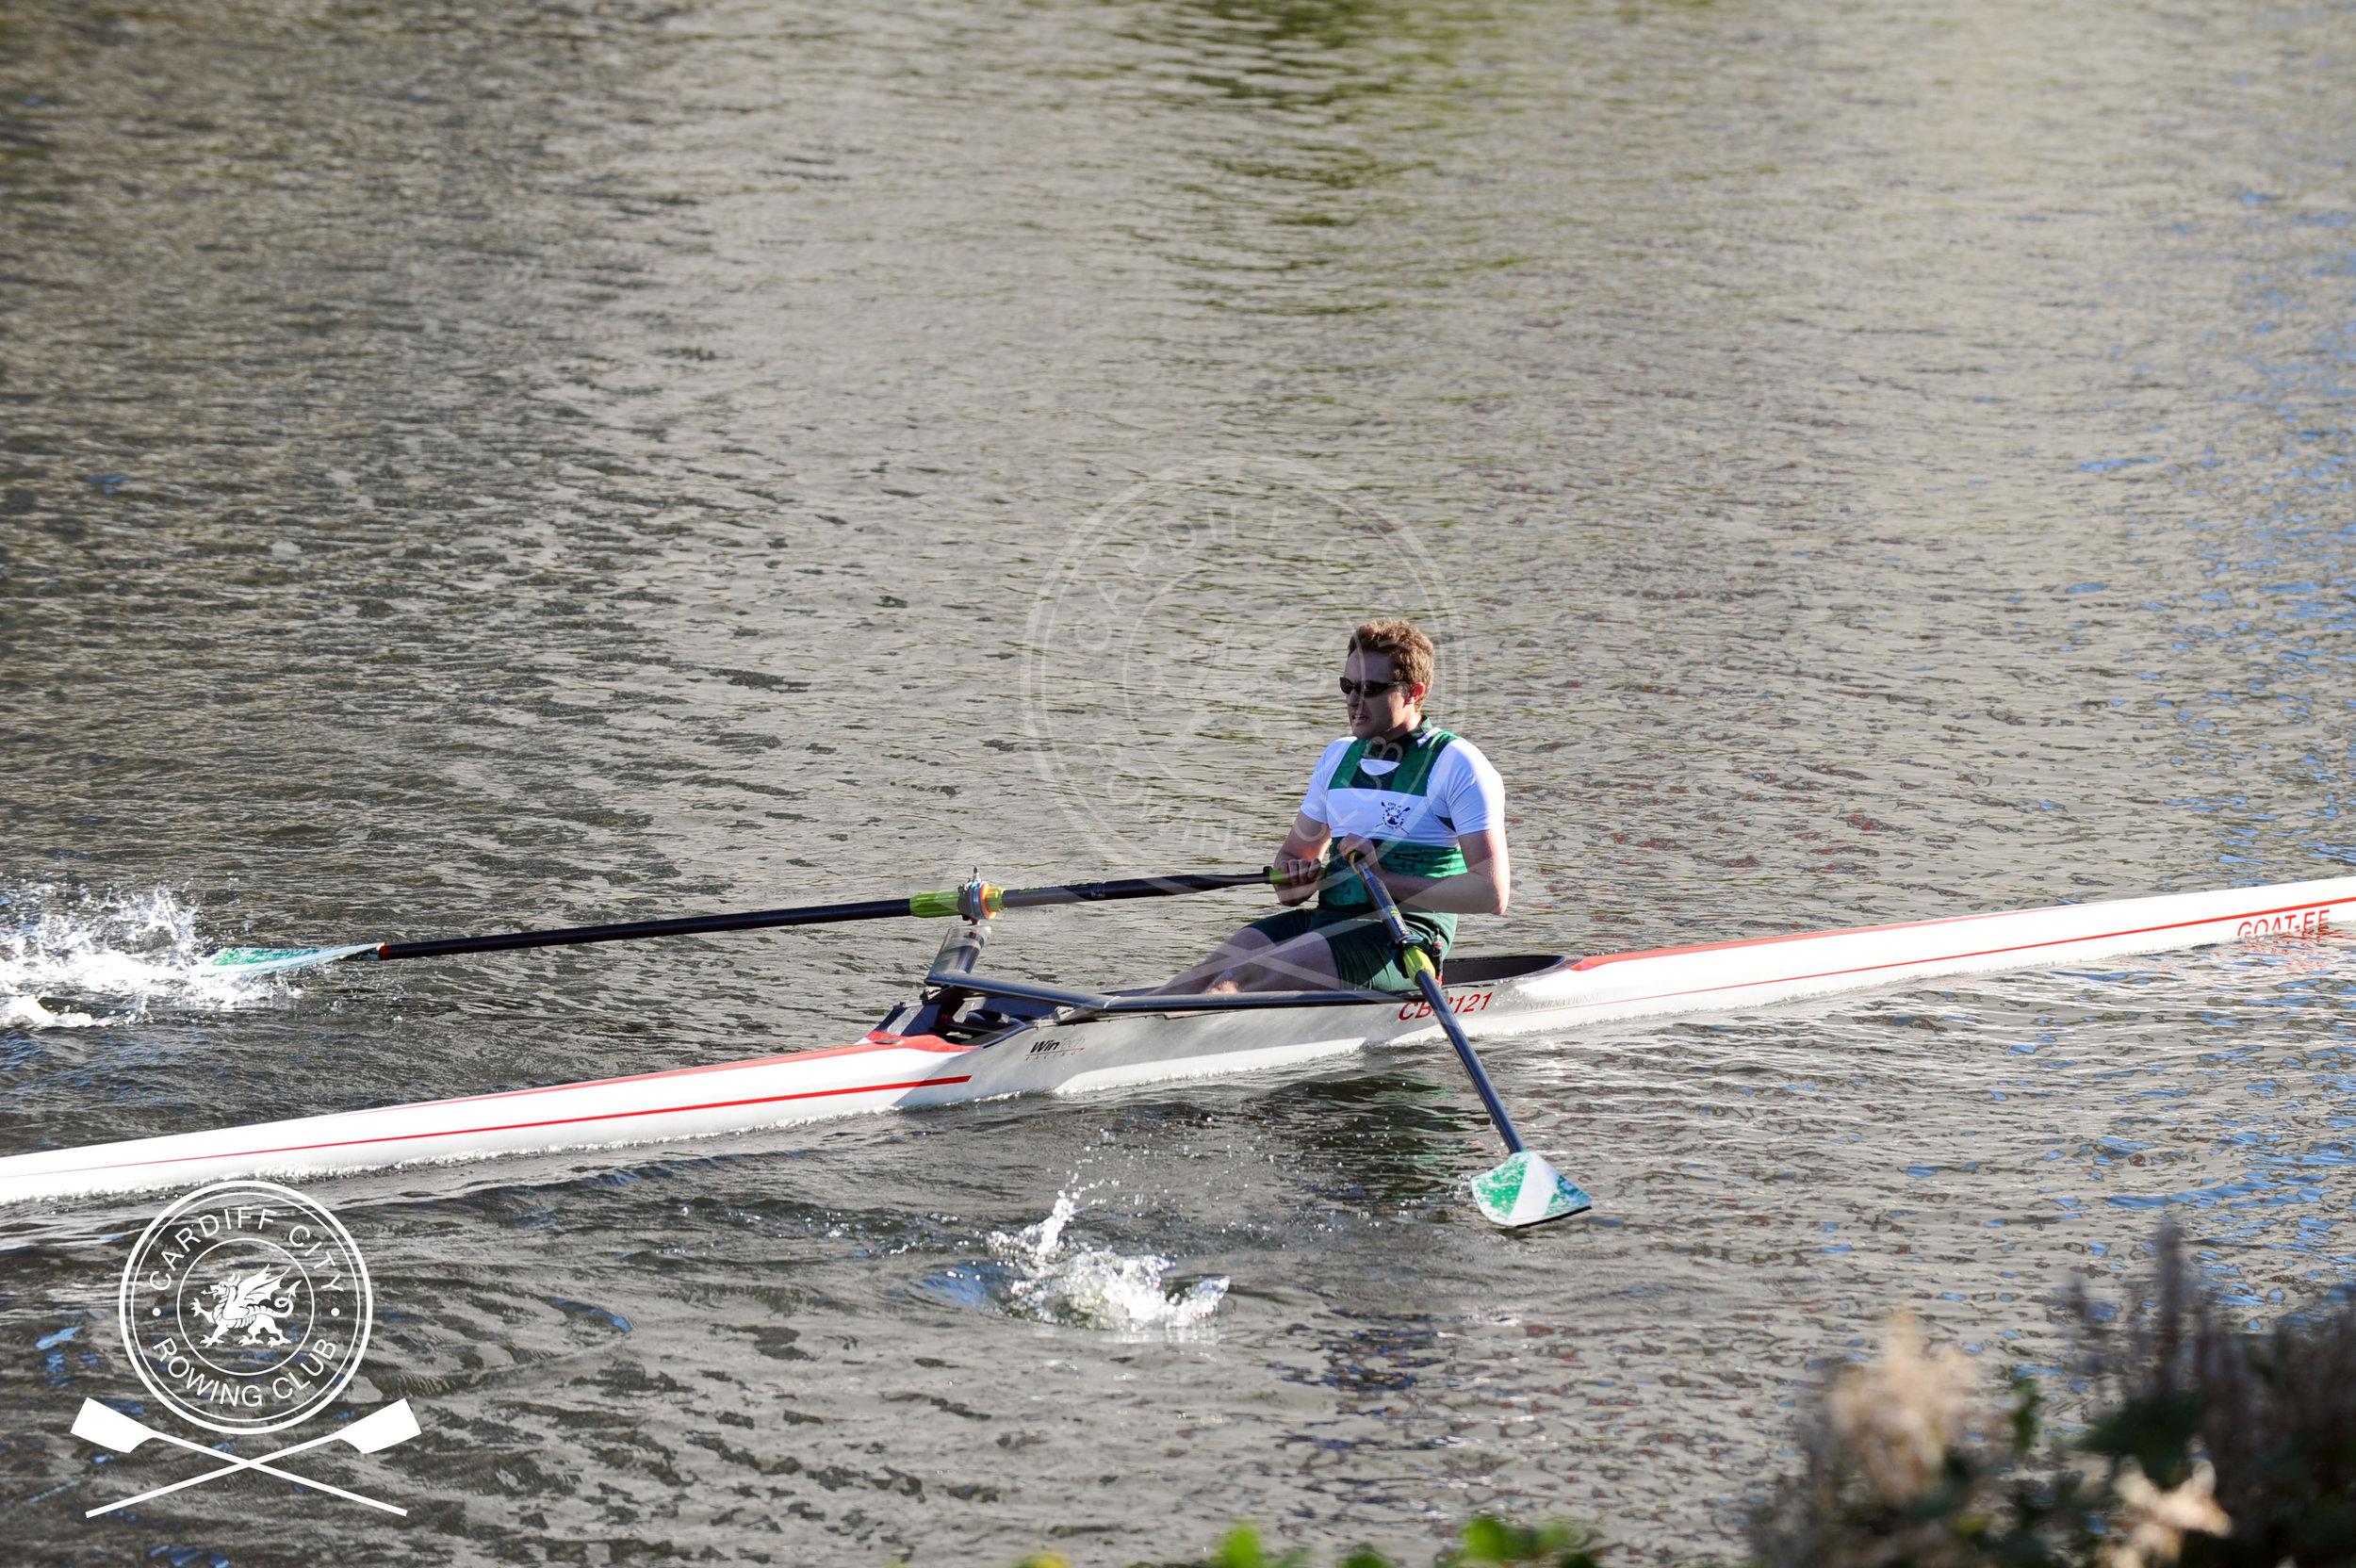 Cardiff_City_Head_Race_69.jpg